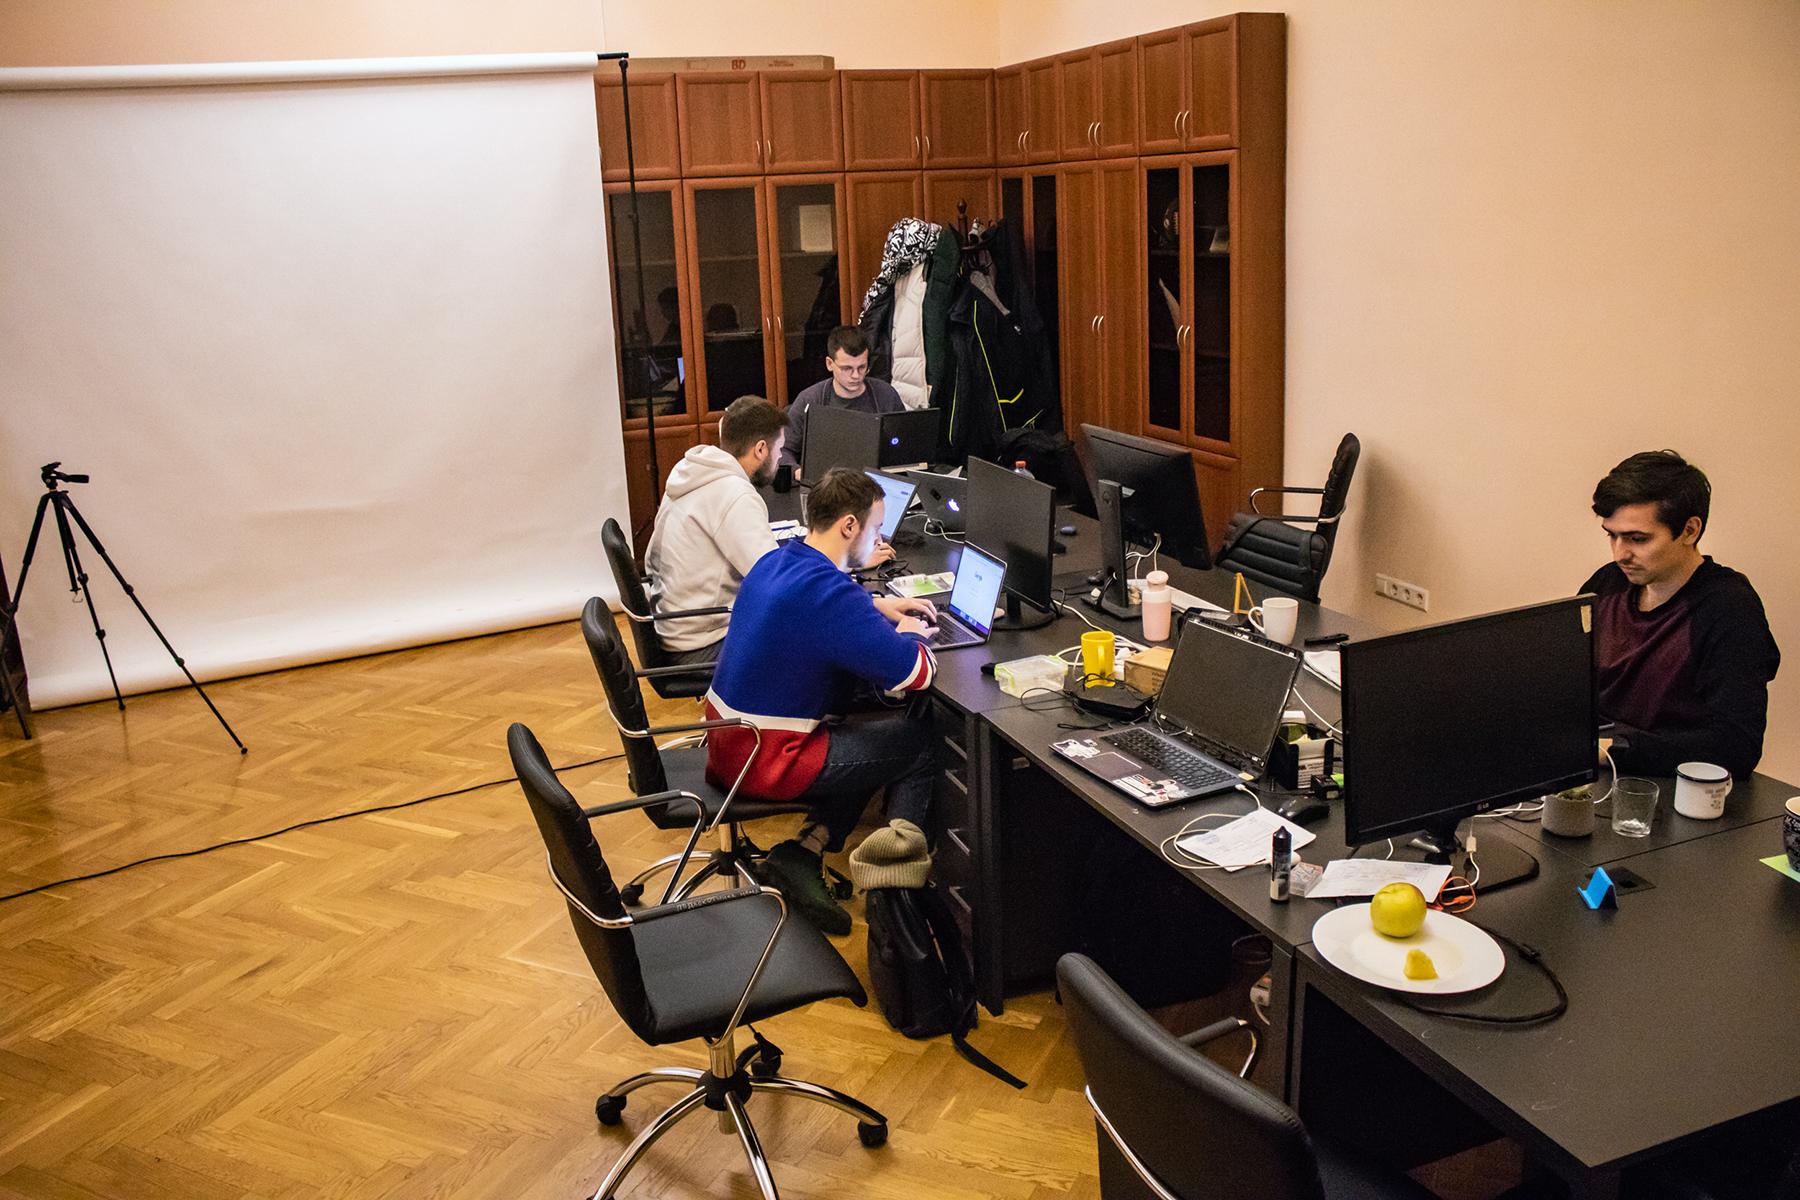 Кабинет сотрудников Минцифры. Фото: MC.today